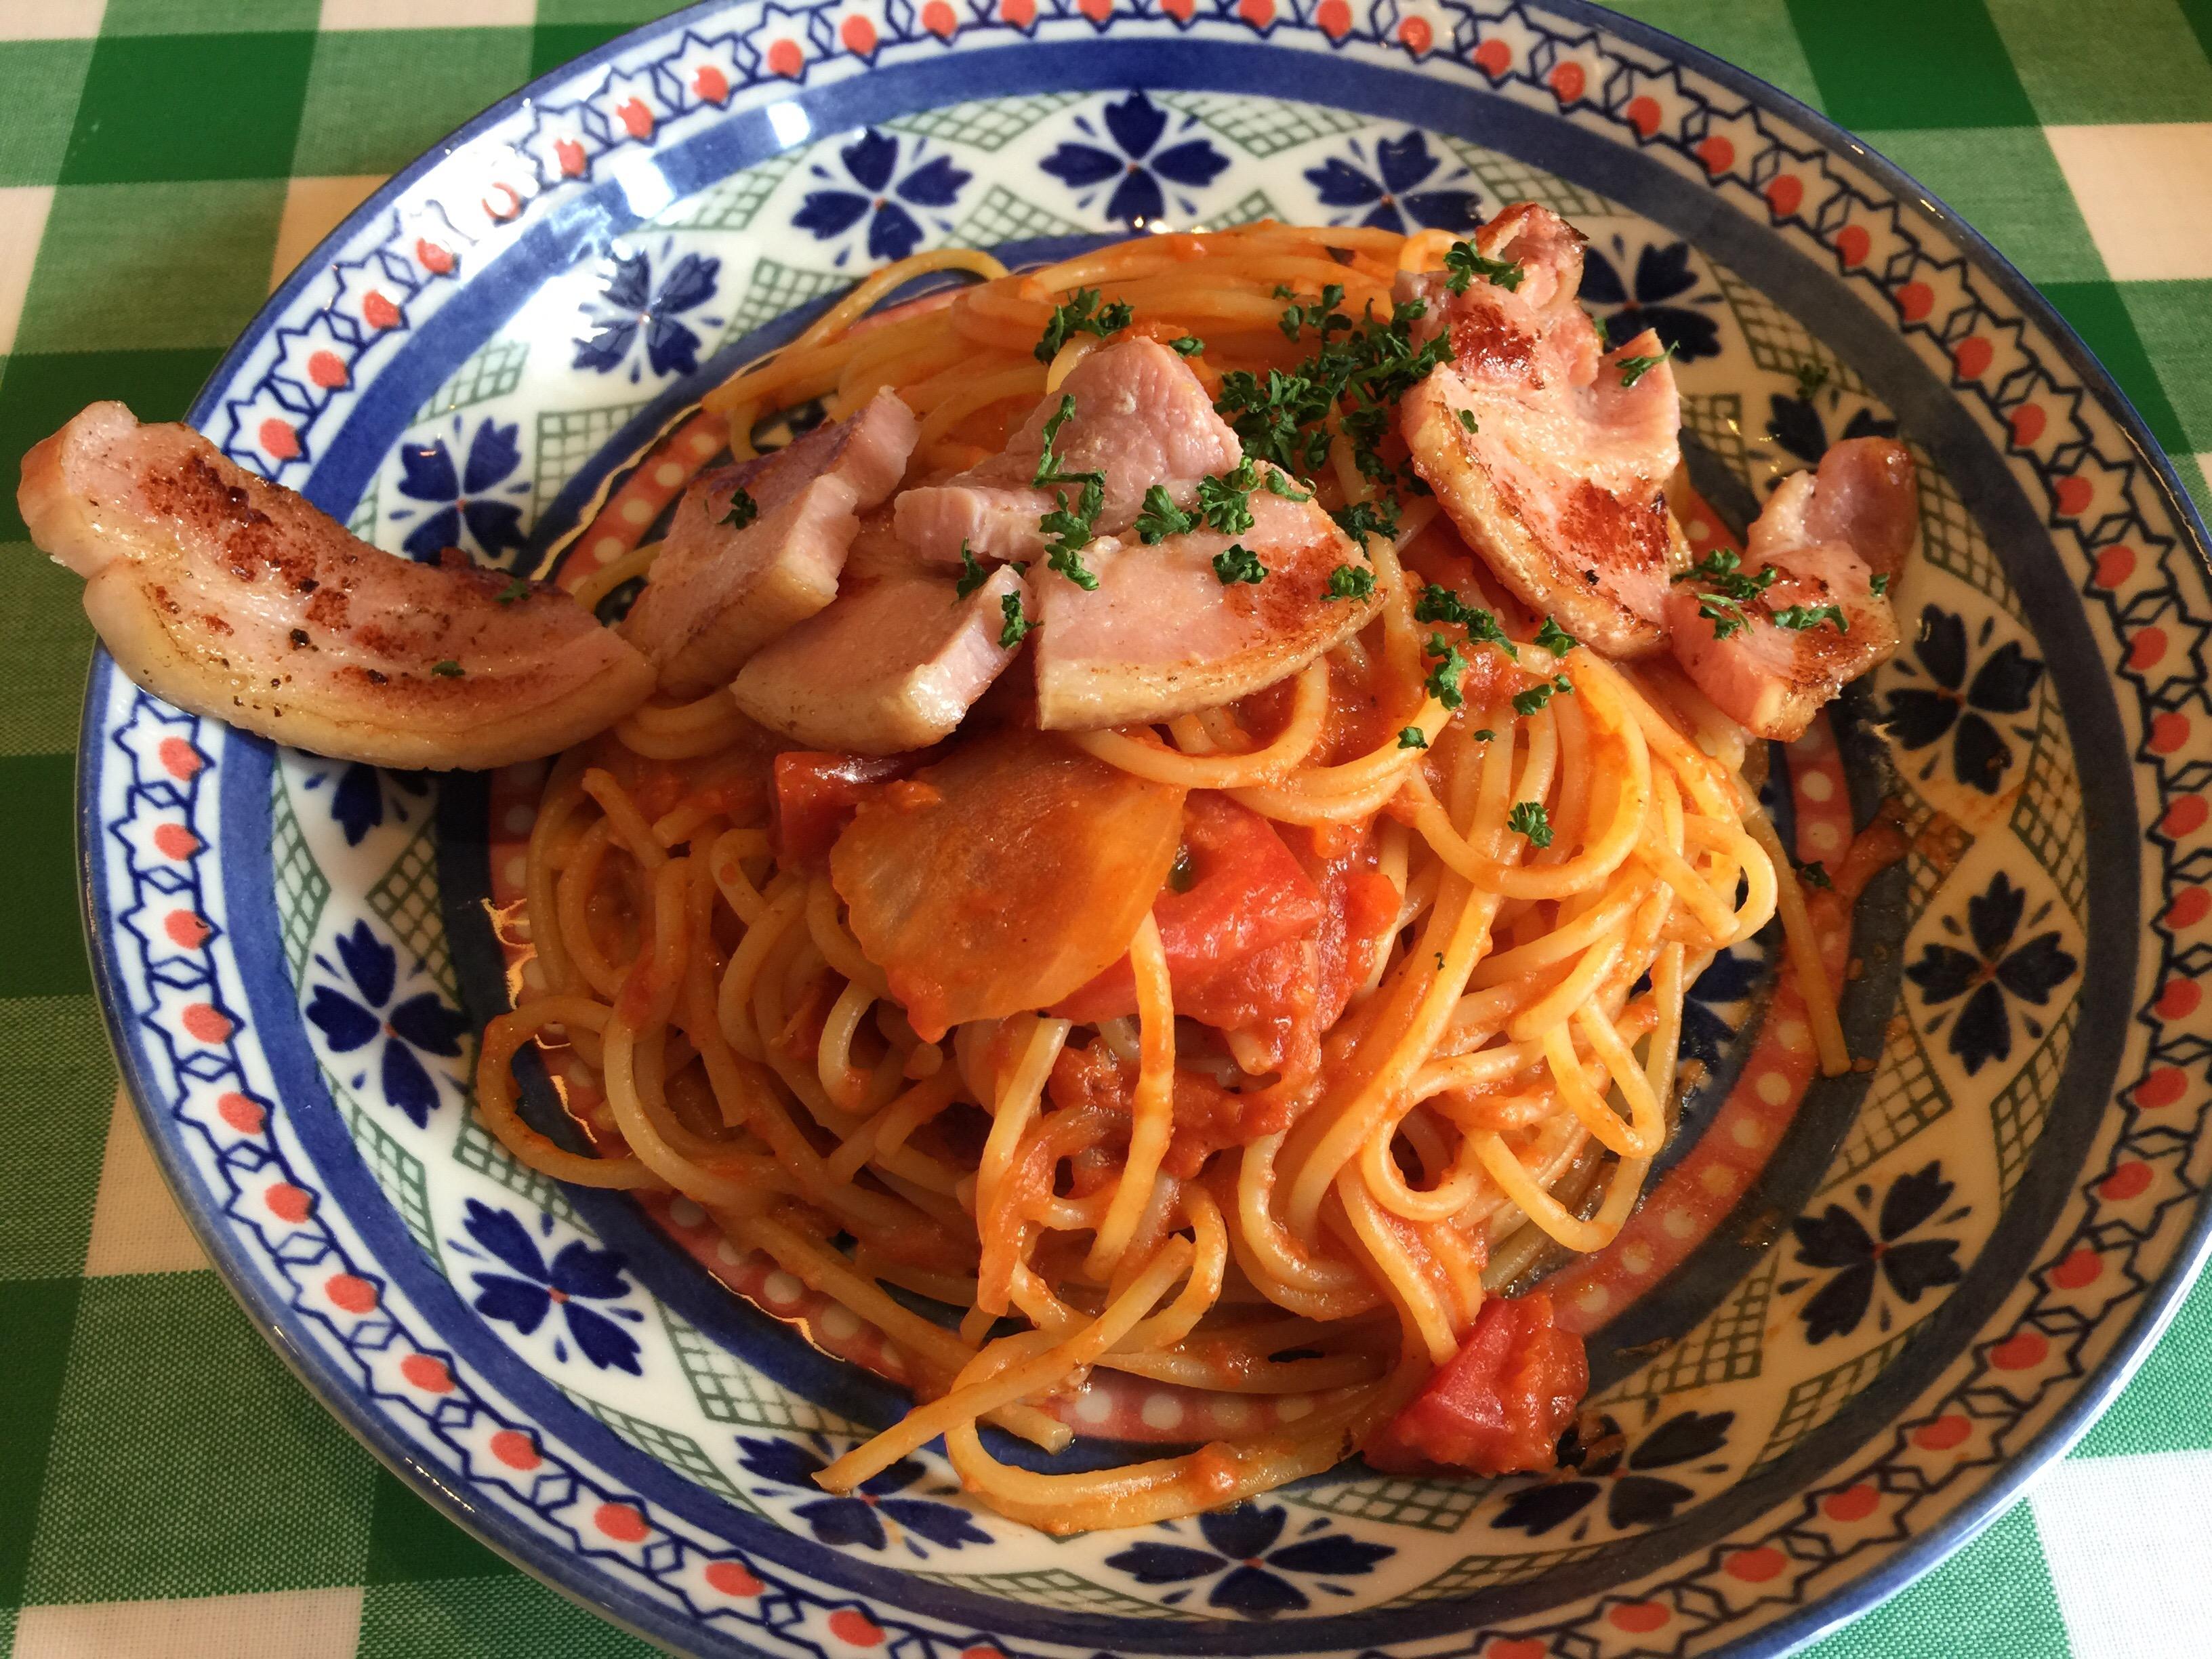 Pastel Italiana(パステル イタリアーナ)でランチ 従来のパステルと比べ、より本格的なイタリアンが食べられます